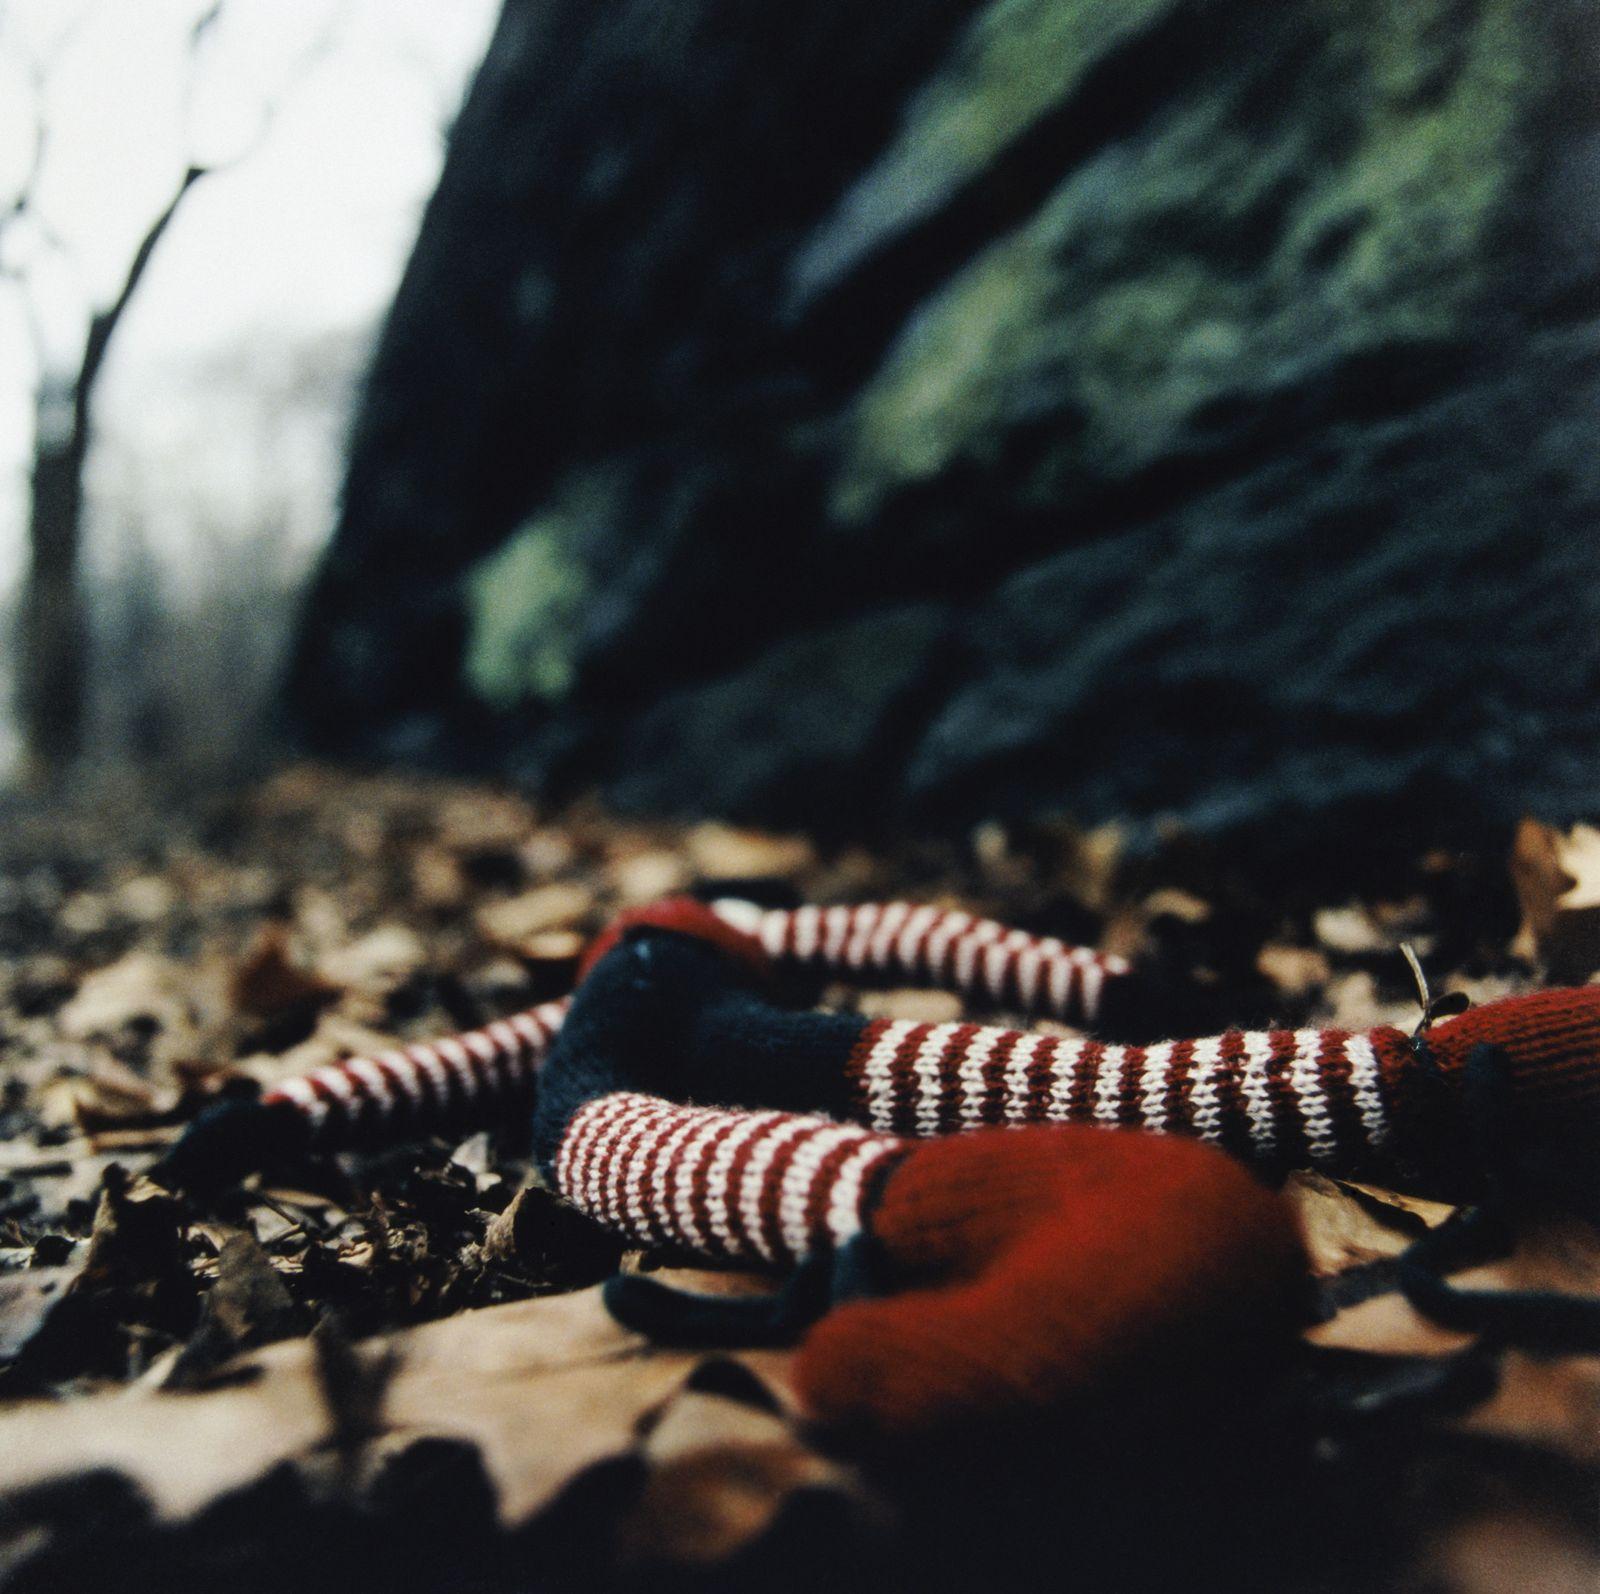 NICHT MEHR VERWENDEN! - Symbolbild/ Pädophilie/ Missbrauch/ Entführung/ Vermisstes Kind